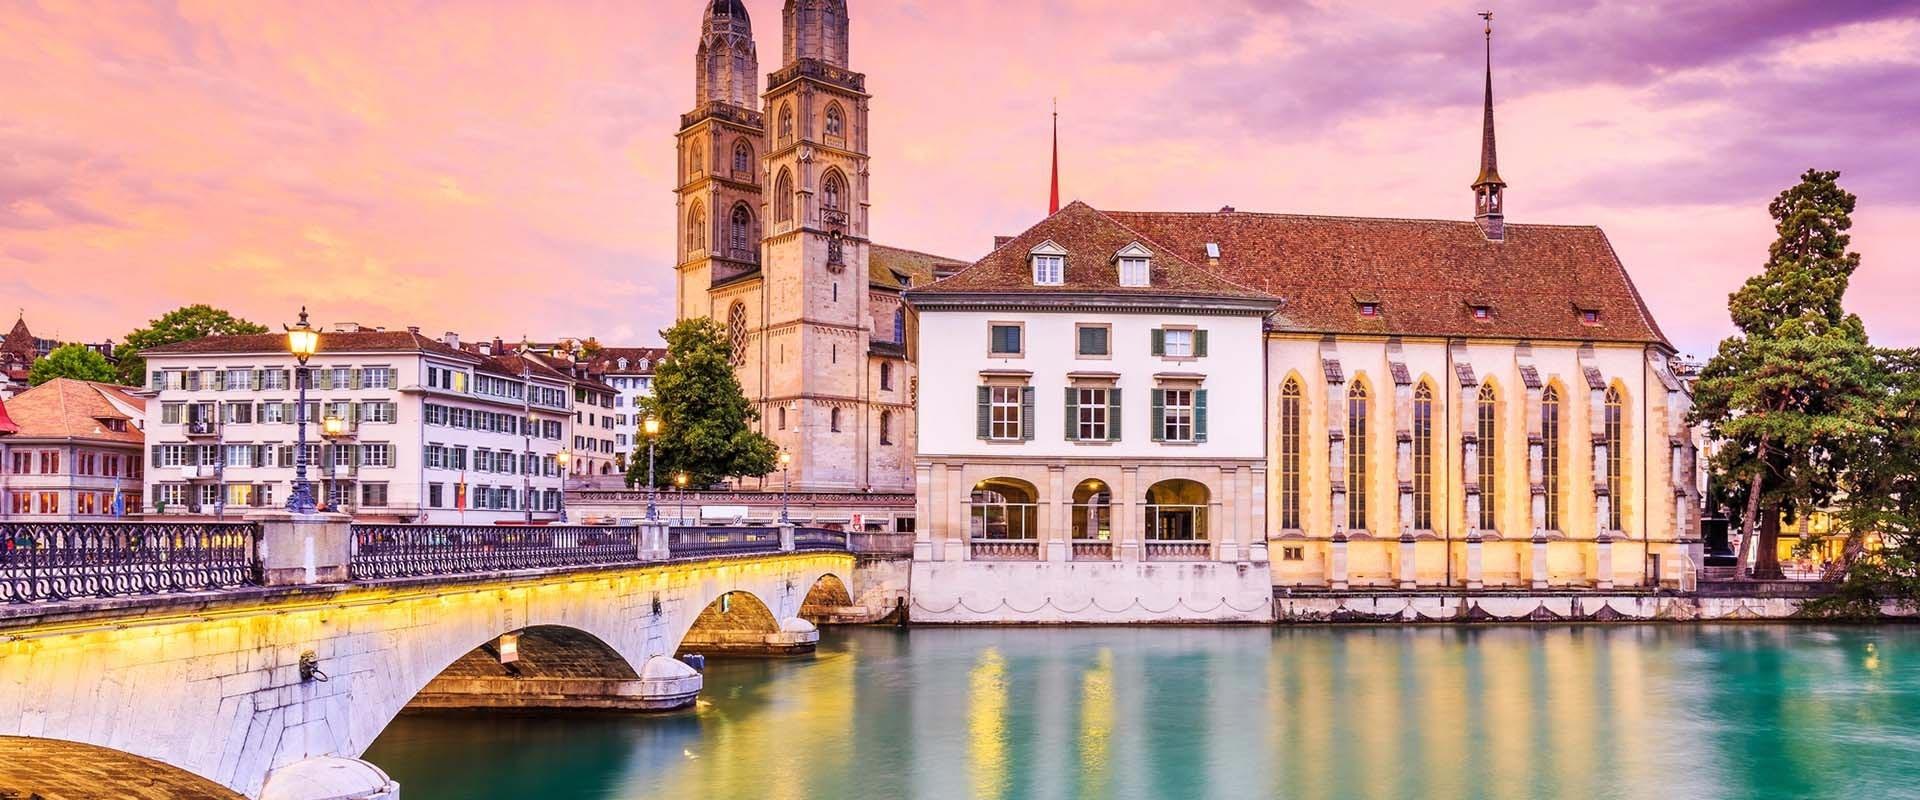 Zürich Public Holidays 2019 - Publicholidays.ch-Bank Holidays In Zurich